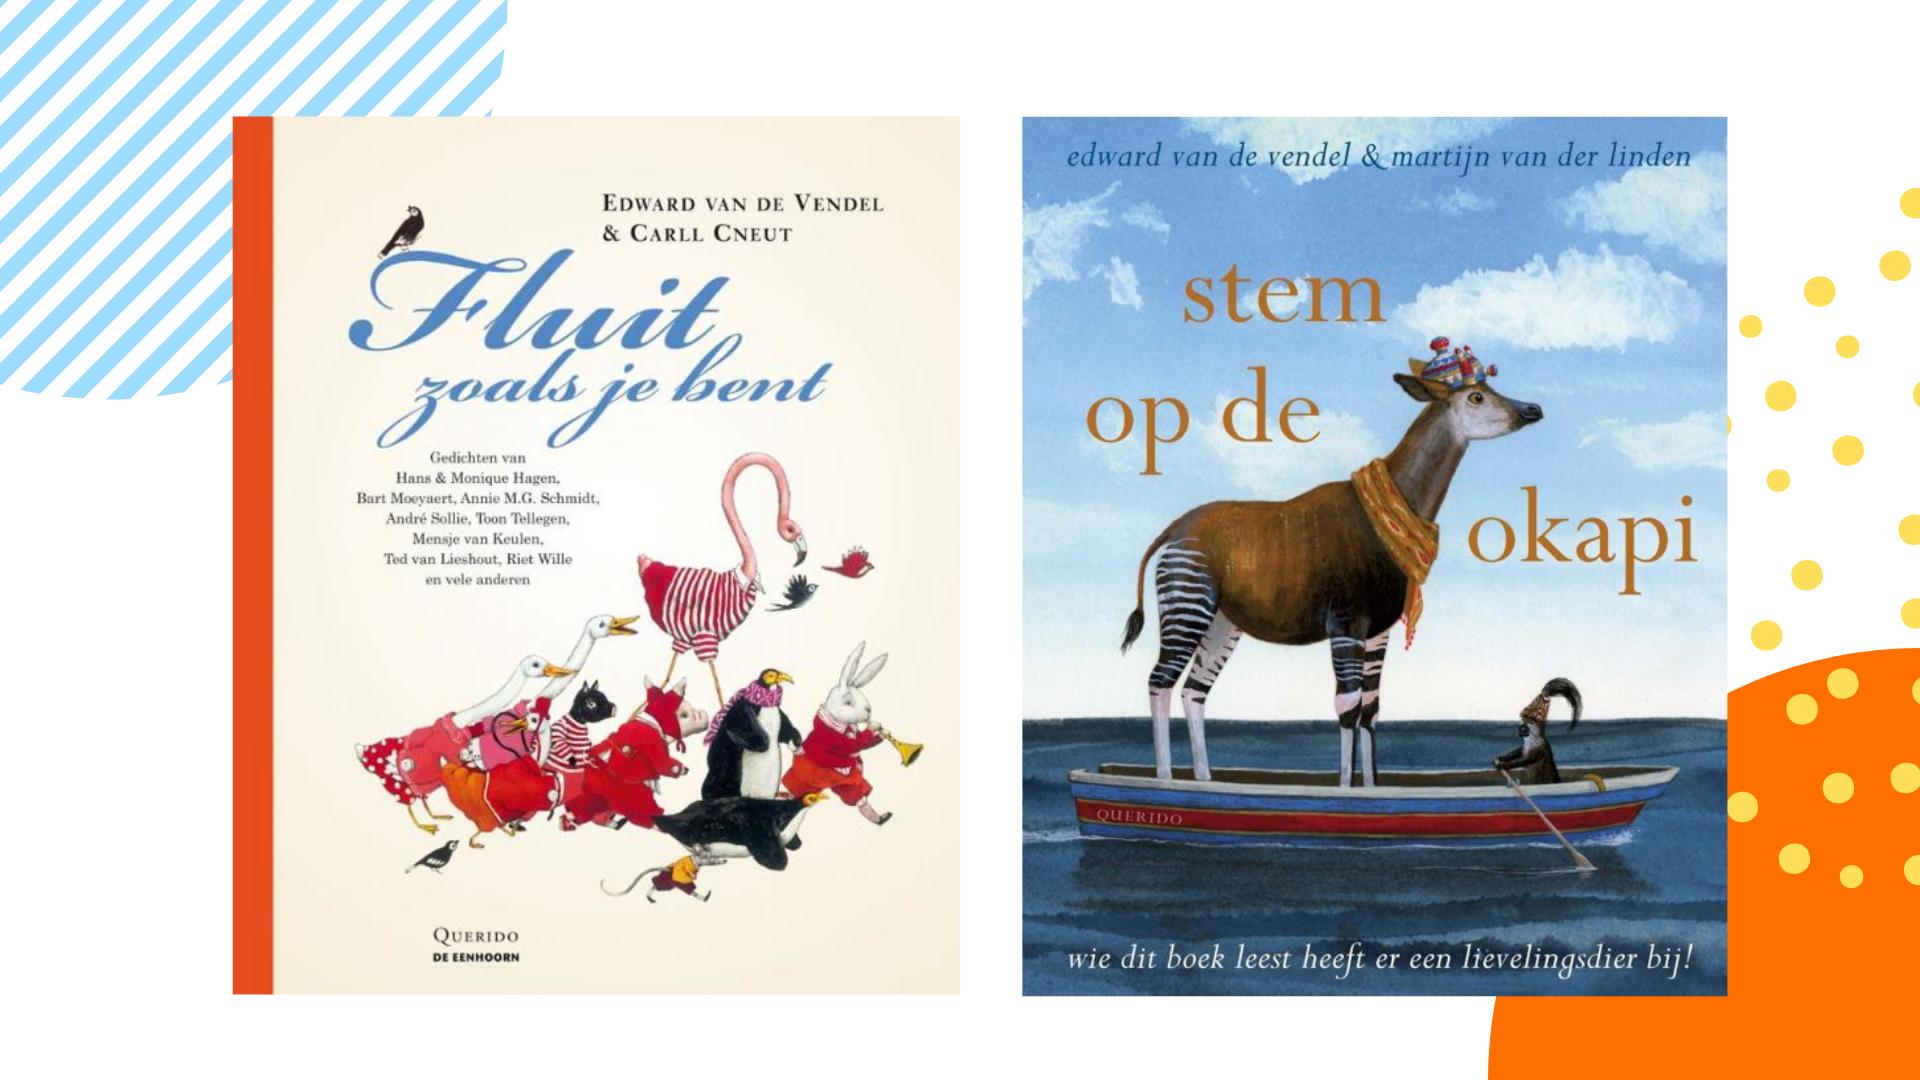 boeken die ik las in juni - stem op de okapi, fluit zoals je bent